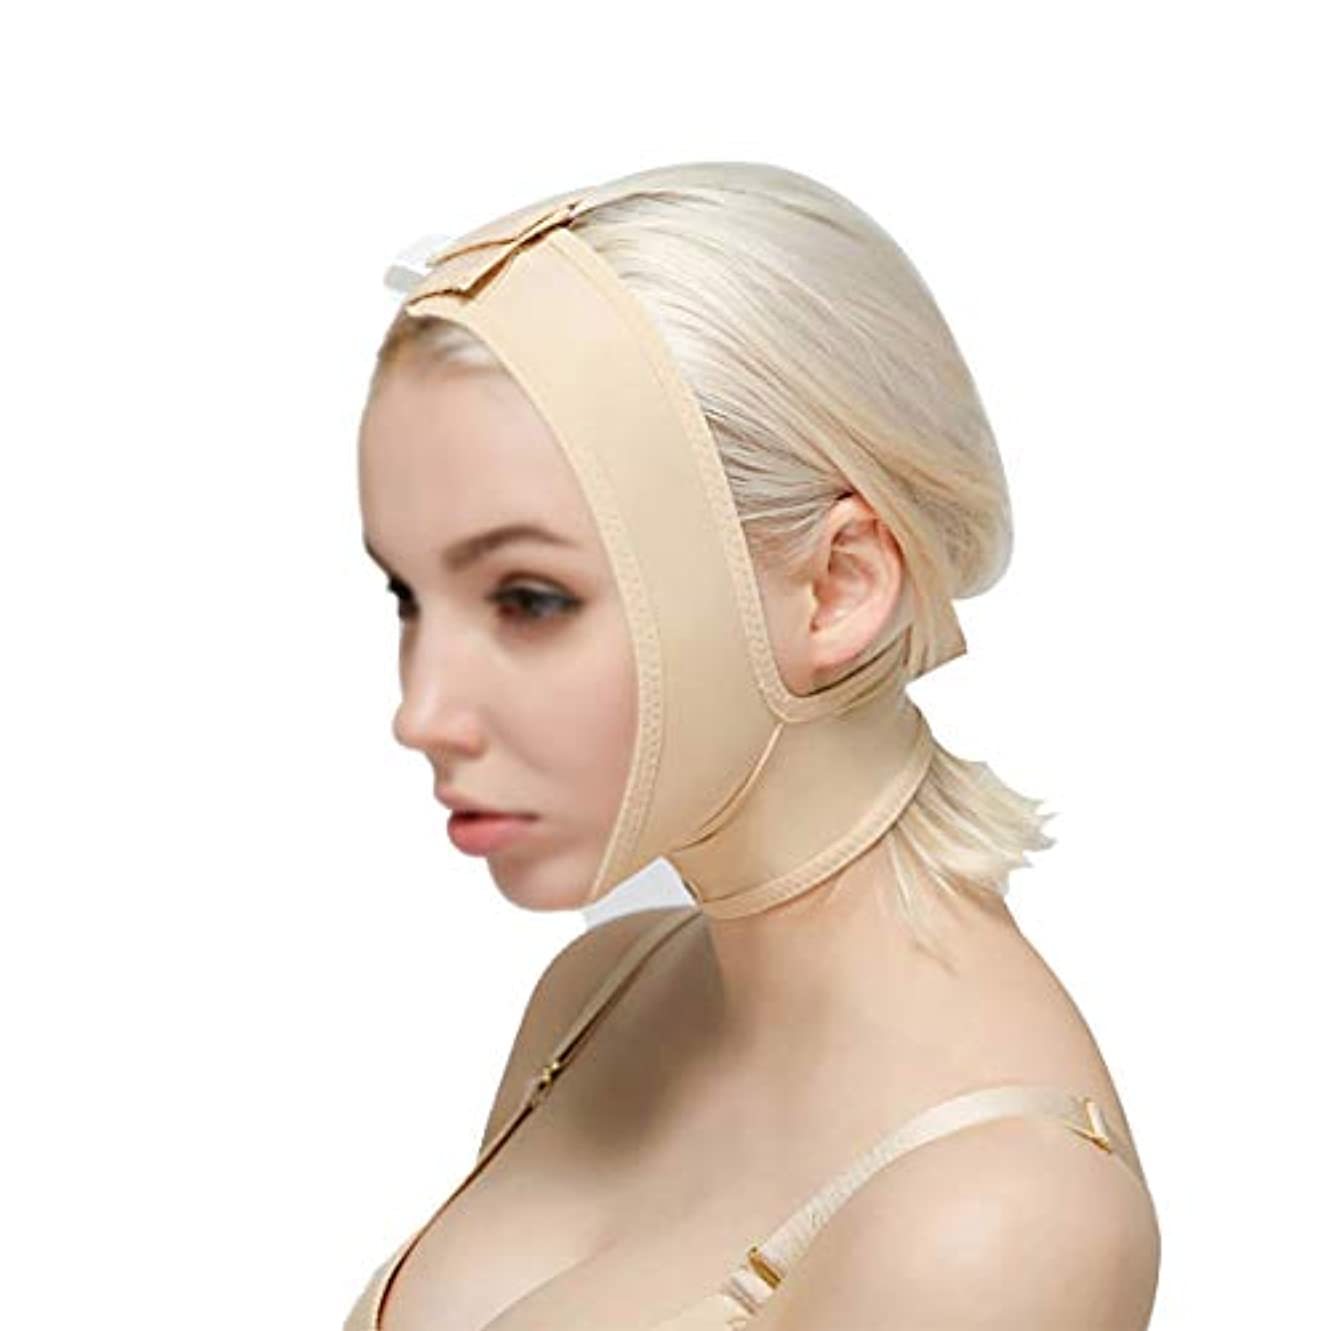 役に立つとげ自発GLJJQMY 顔と首のリフト減量術後弾性スリーブジョーセット顔のアーティファクトV顔の顔の顔の二重あごの薄い顔のかつら 顔用整形マスク (Size : S)